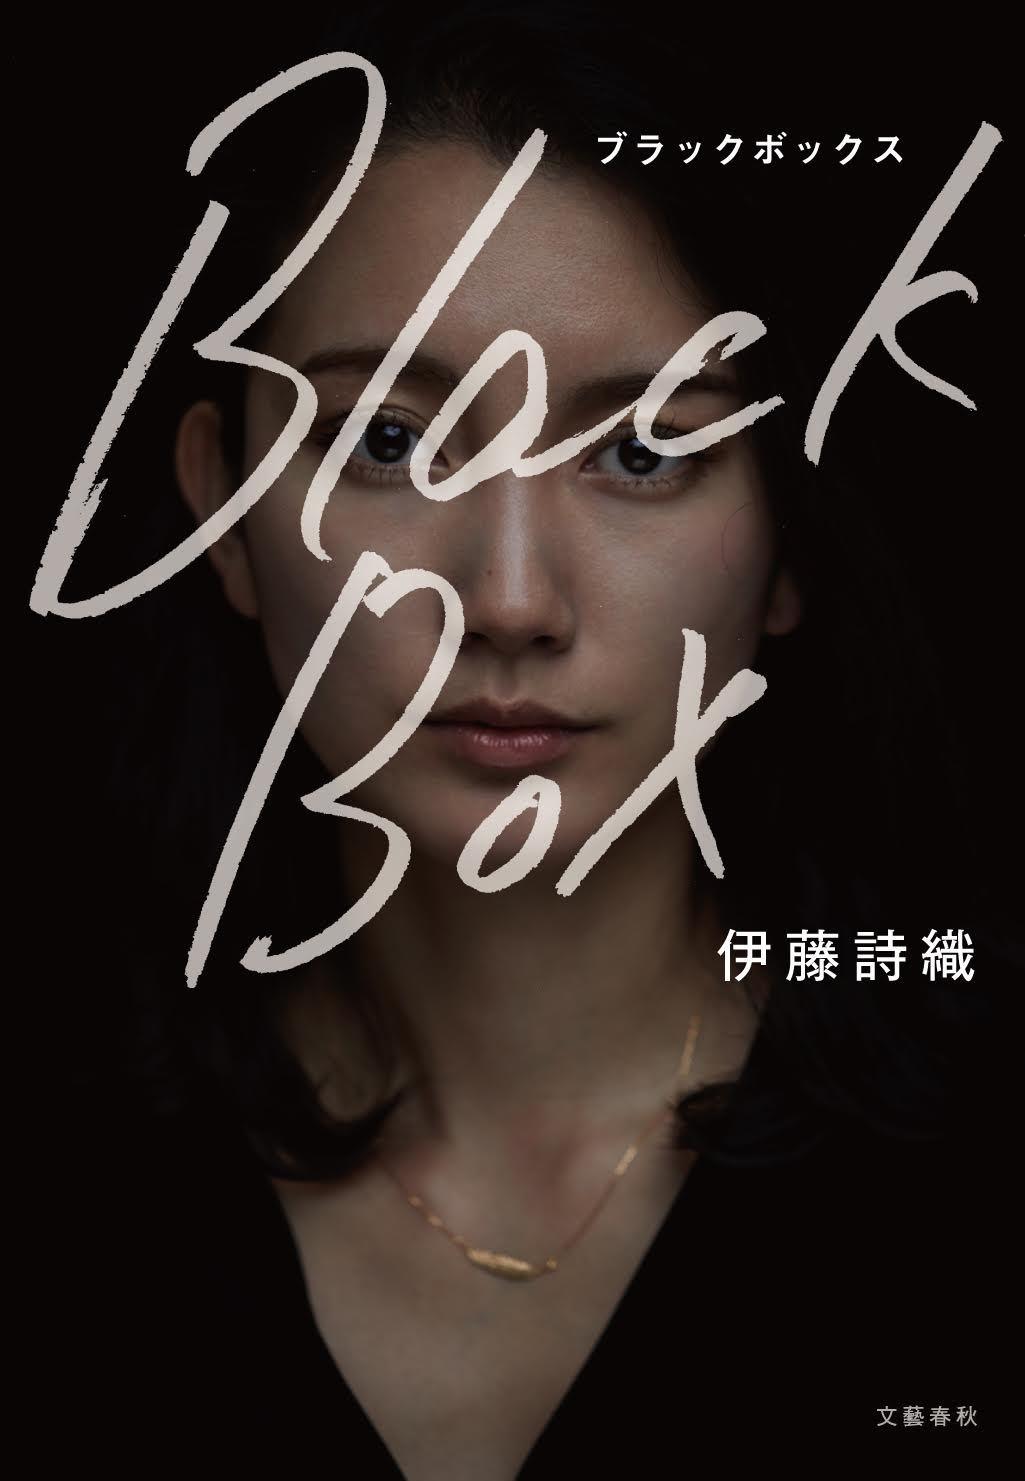 レイプ被害を受けたと会見し訴えたジャーナリスト伊藤詩織さんの手記『Black Box』を発売します